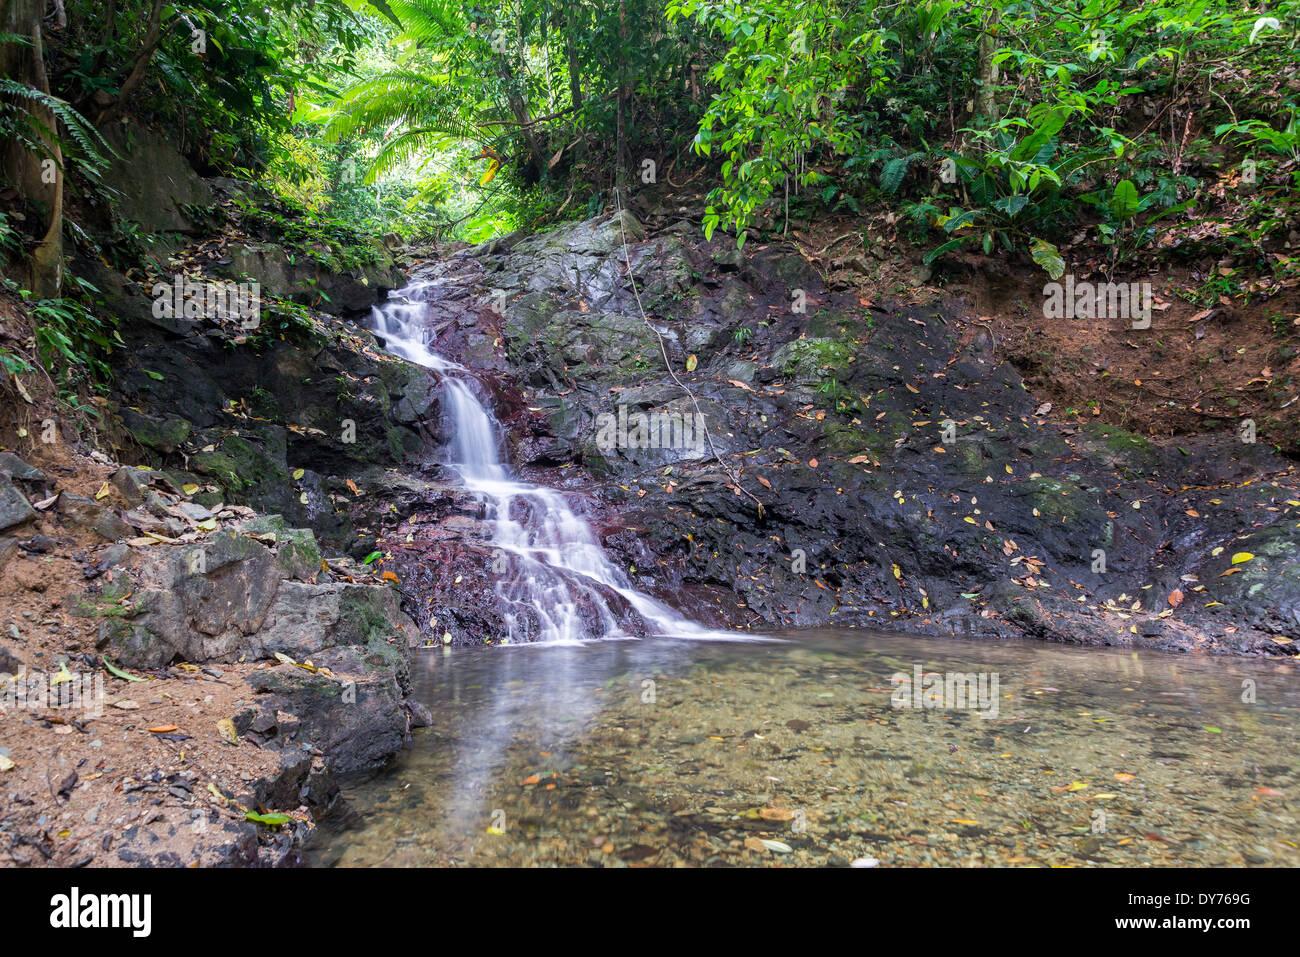 Una piccola cascata in una densa foresta pluviale tropicale vicino a Capurgana, Colombia Immagini Stock